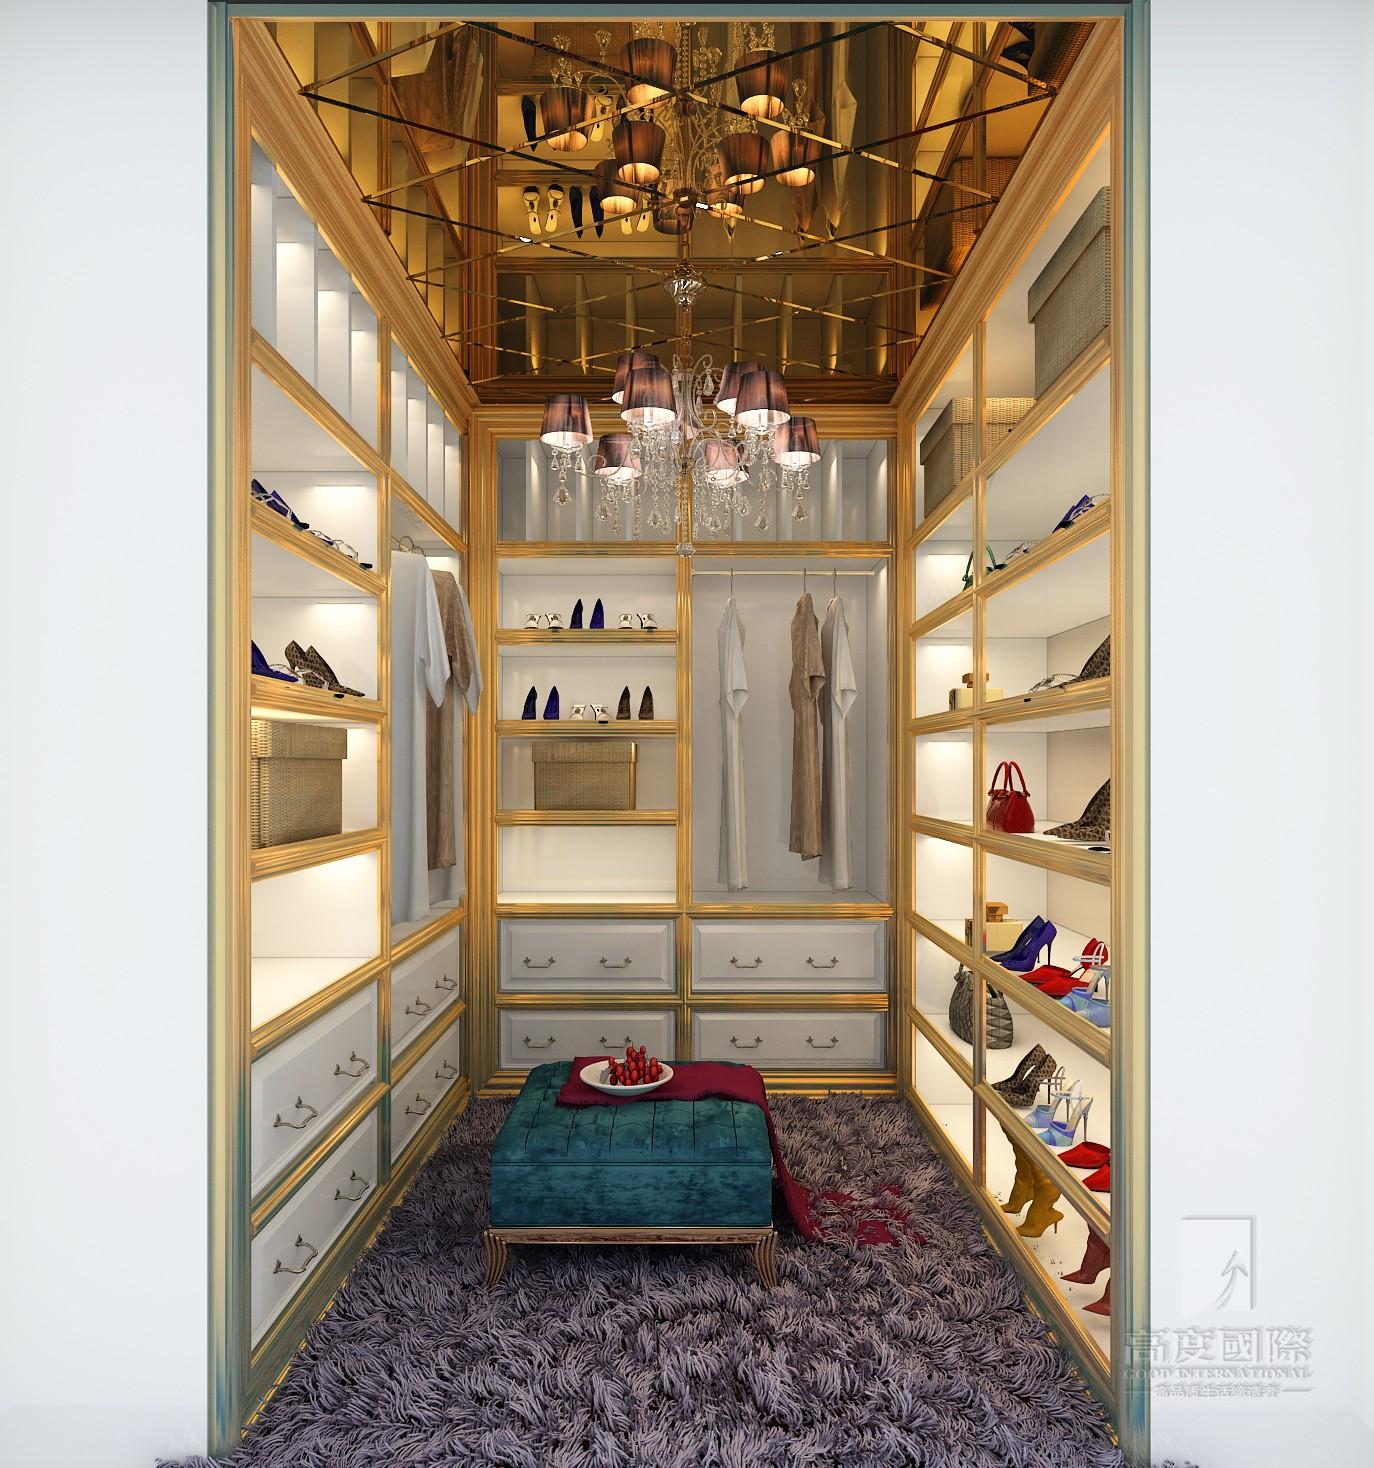 欧式 别墅 高度国际 衣帽间图片来自杭州别墅装修设计在富春玫瑰园350方别墅欧式风格的分享